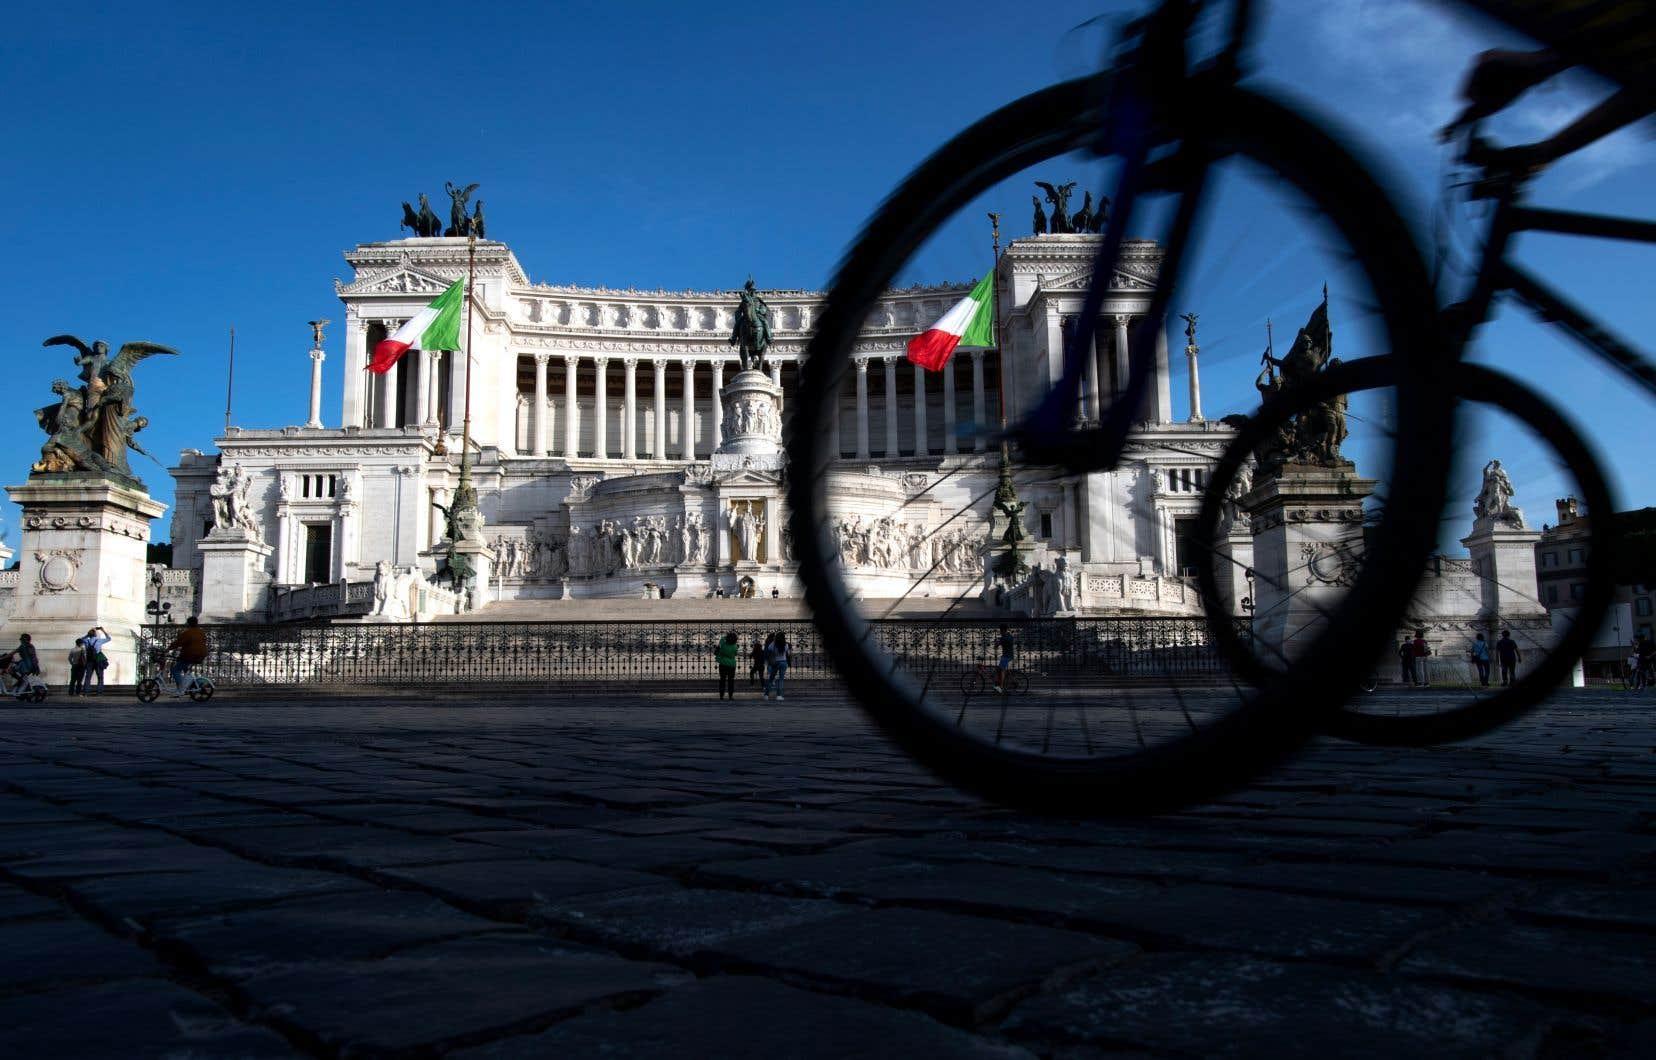 Des gens circulent à vélo devant le monument de l'Altare della Patria dans le centre de Rome le 10 mai 2020.